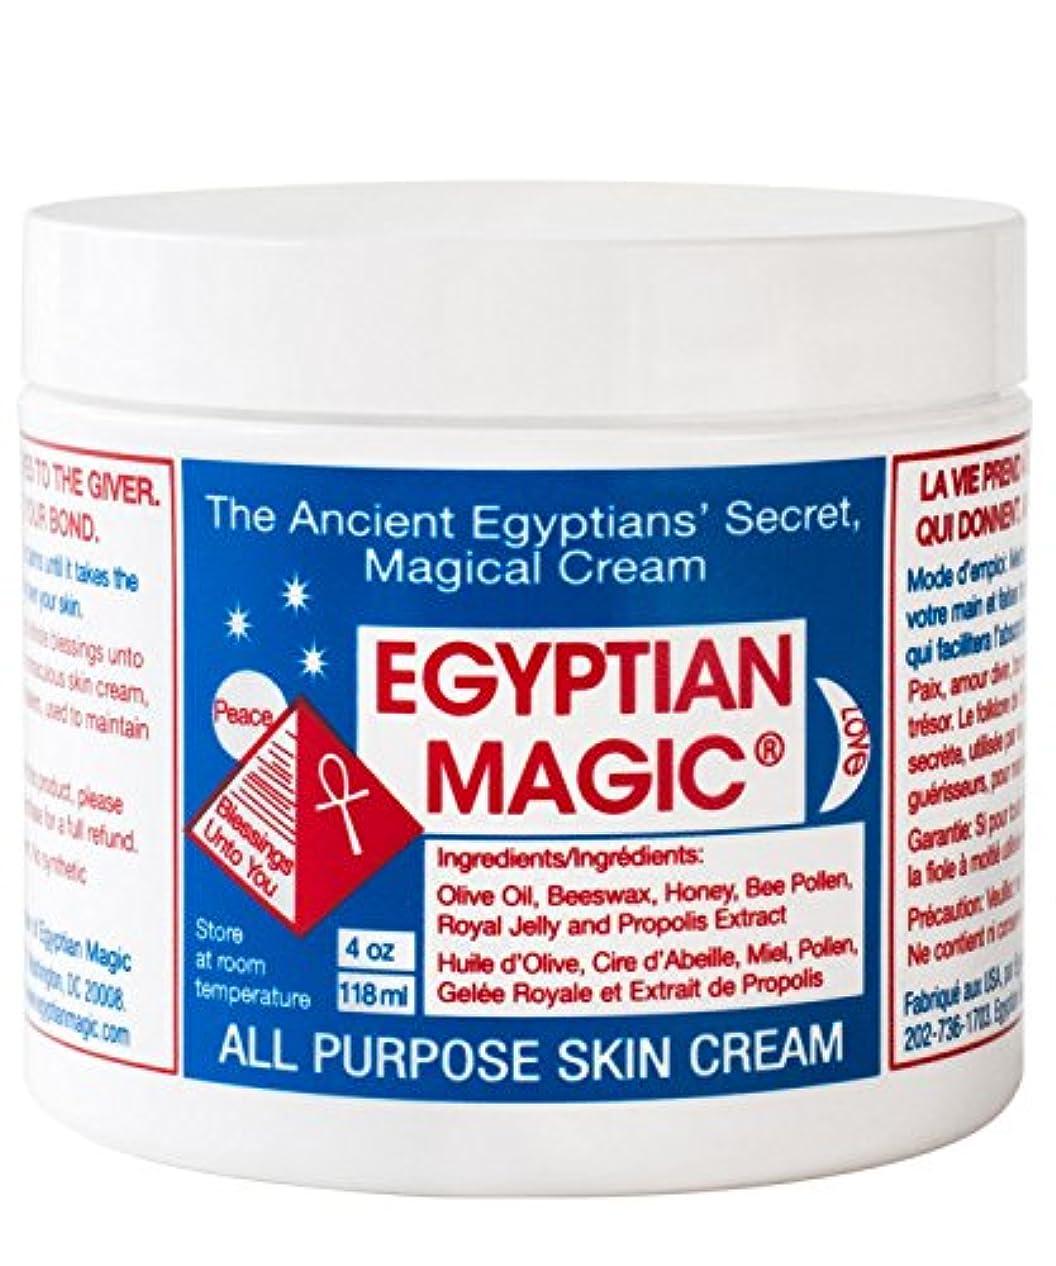 介入するイル考えEgyptian Magic All Purpose Skin Cream 118ml (Pack of 6) - エジプトの魔法の万能スキンクリーム118ミリリットル x6 [並行輸入品]